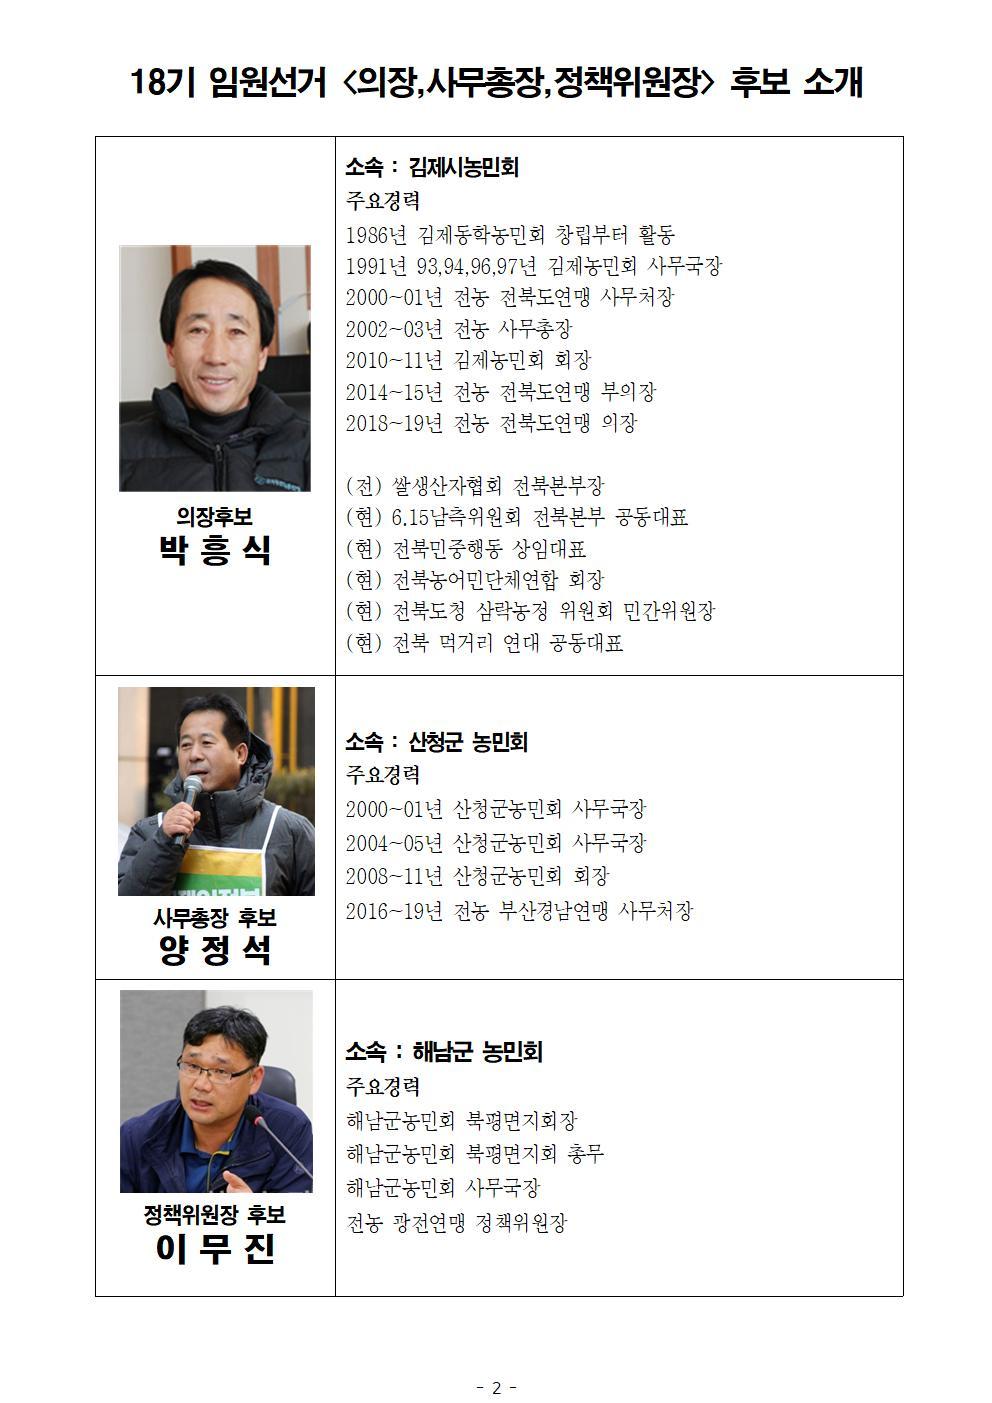 200203_18기_임원선거_선거공보002.jpg